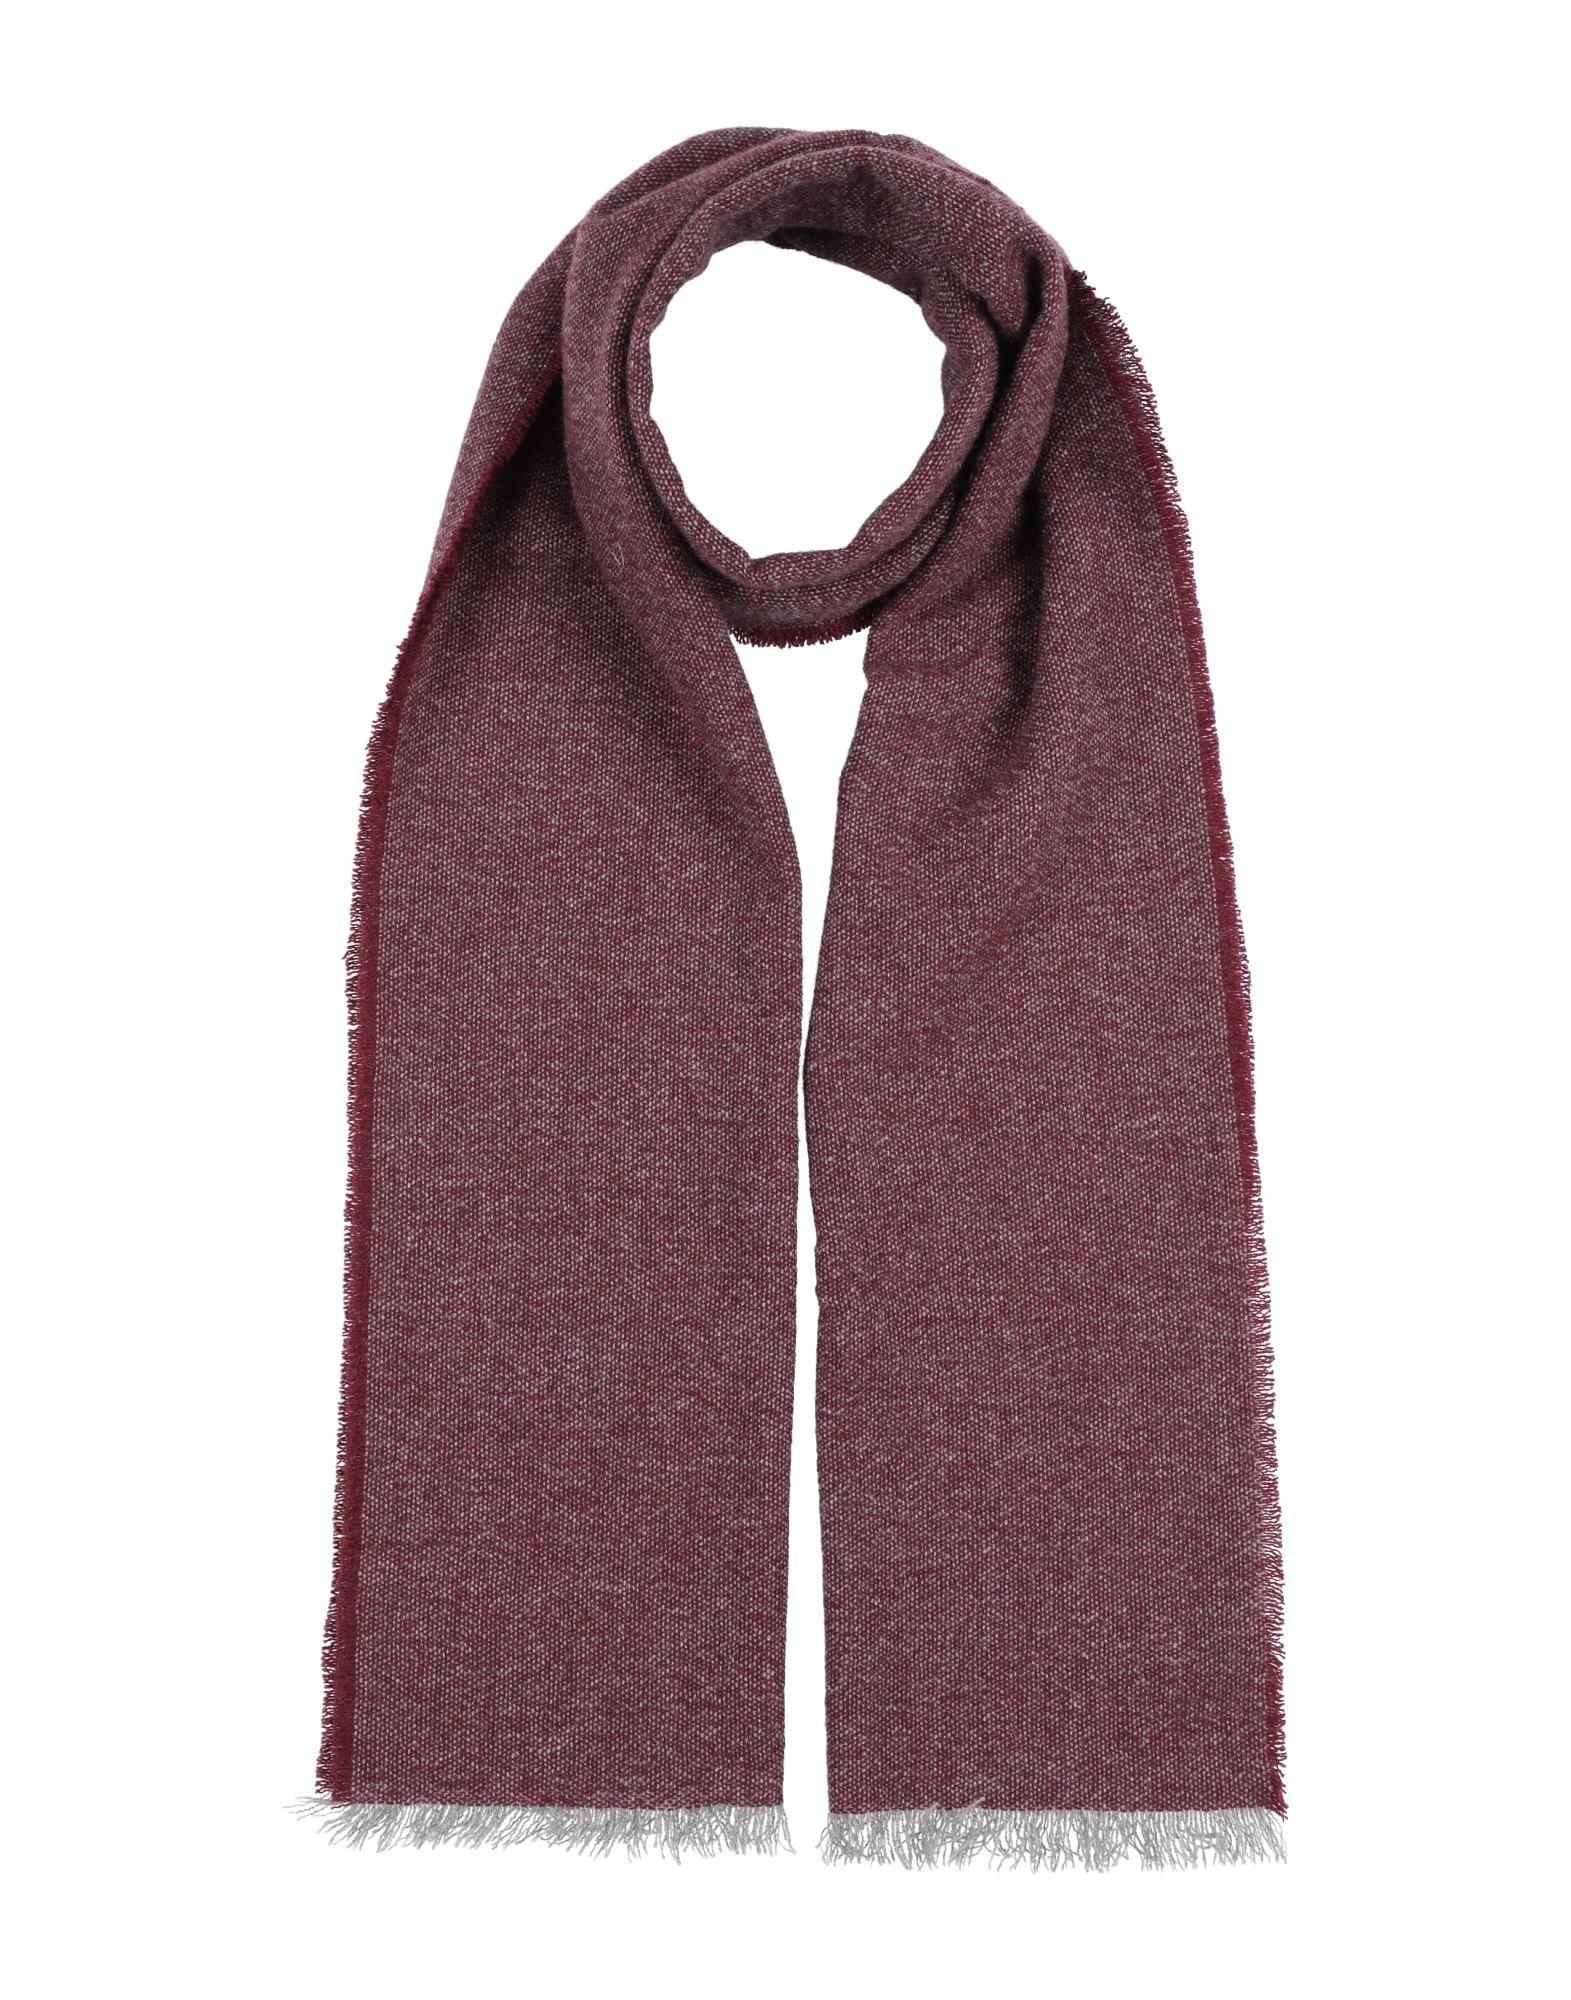 ARTE CASHMERE Шаль павловопосадская шерстяная шаль с шелковой бахромой волшебный узор 148х148 см